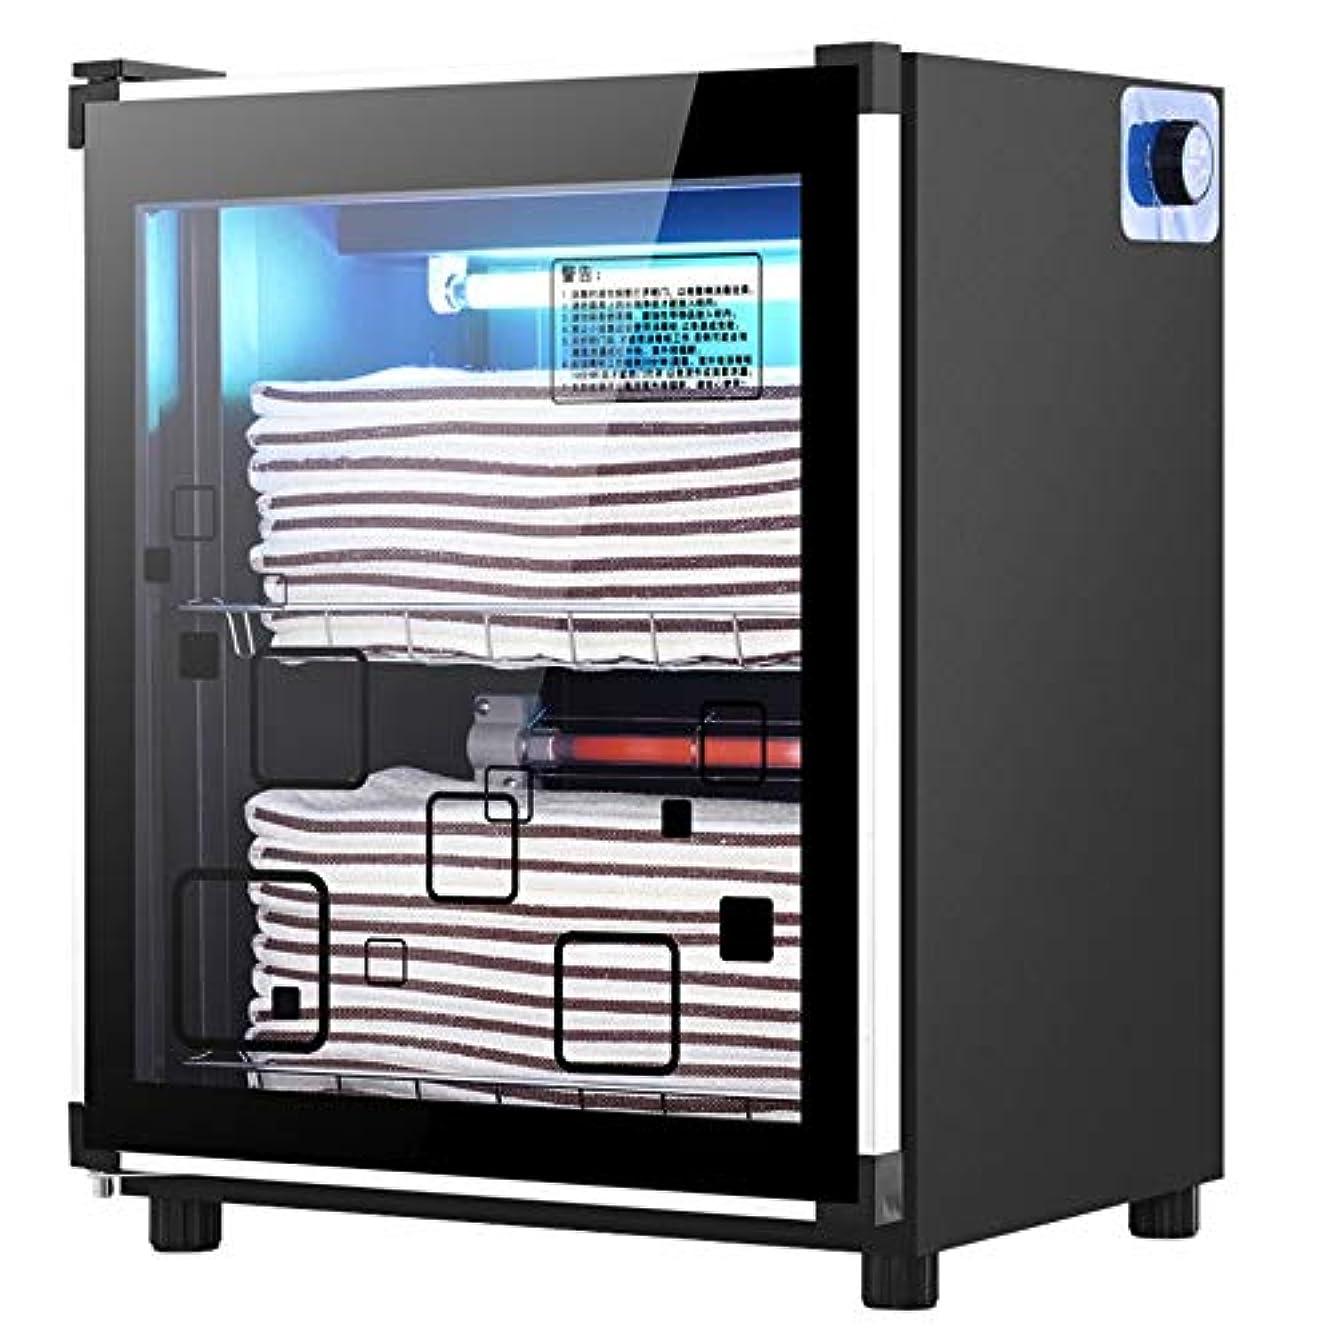 側面倍増植木UVオゾン滅菌キャビネットホットタオルウォーマーウェットタオルヒーター、スパ/フェイシャル/理容室/サロン機器/家庭用(3サイズ)